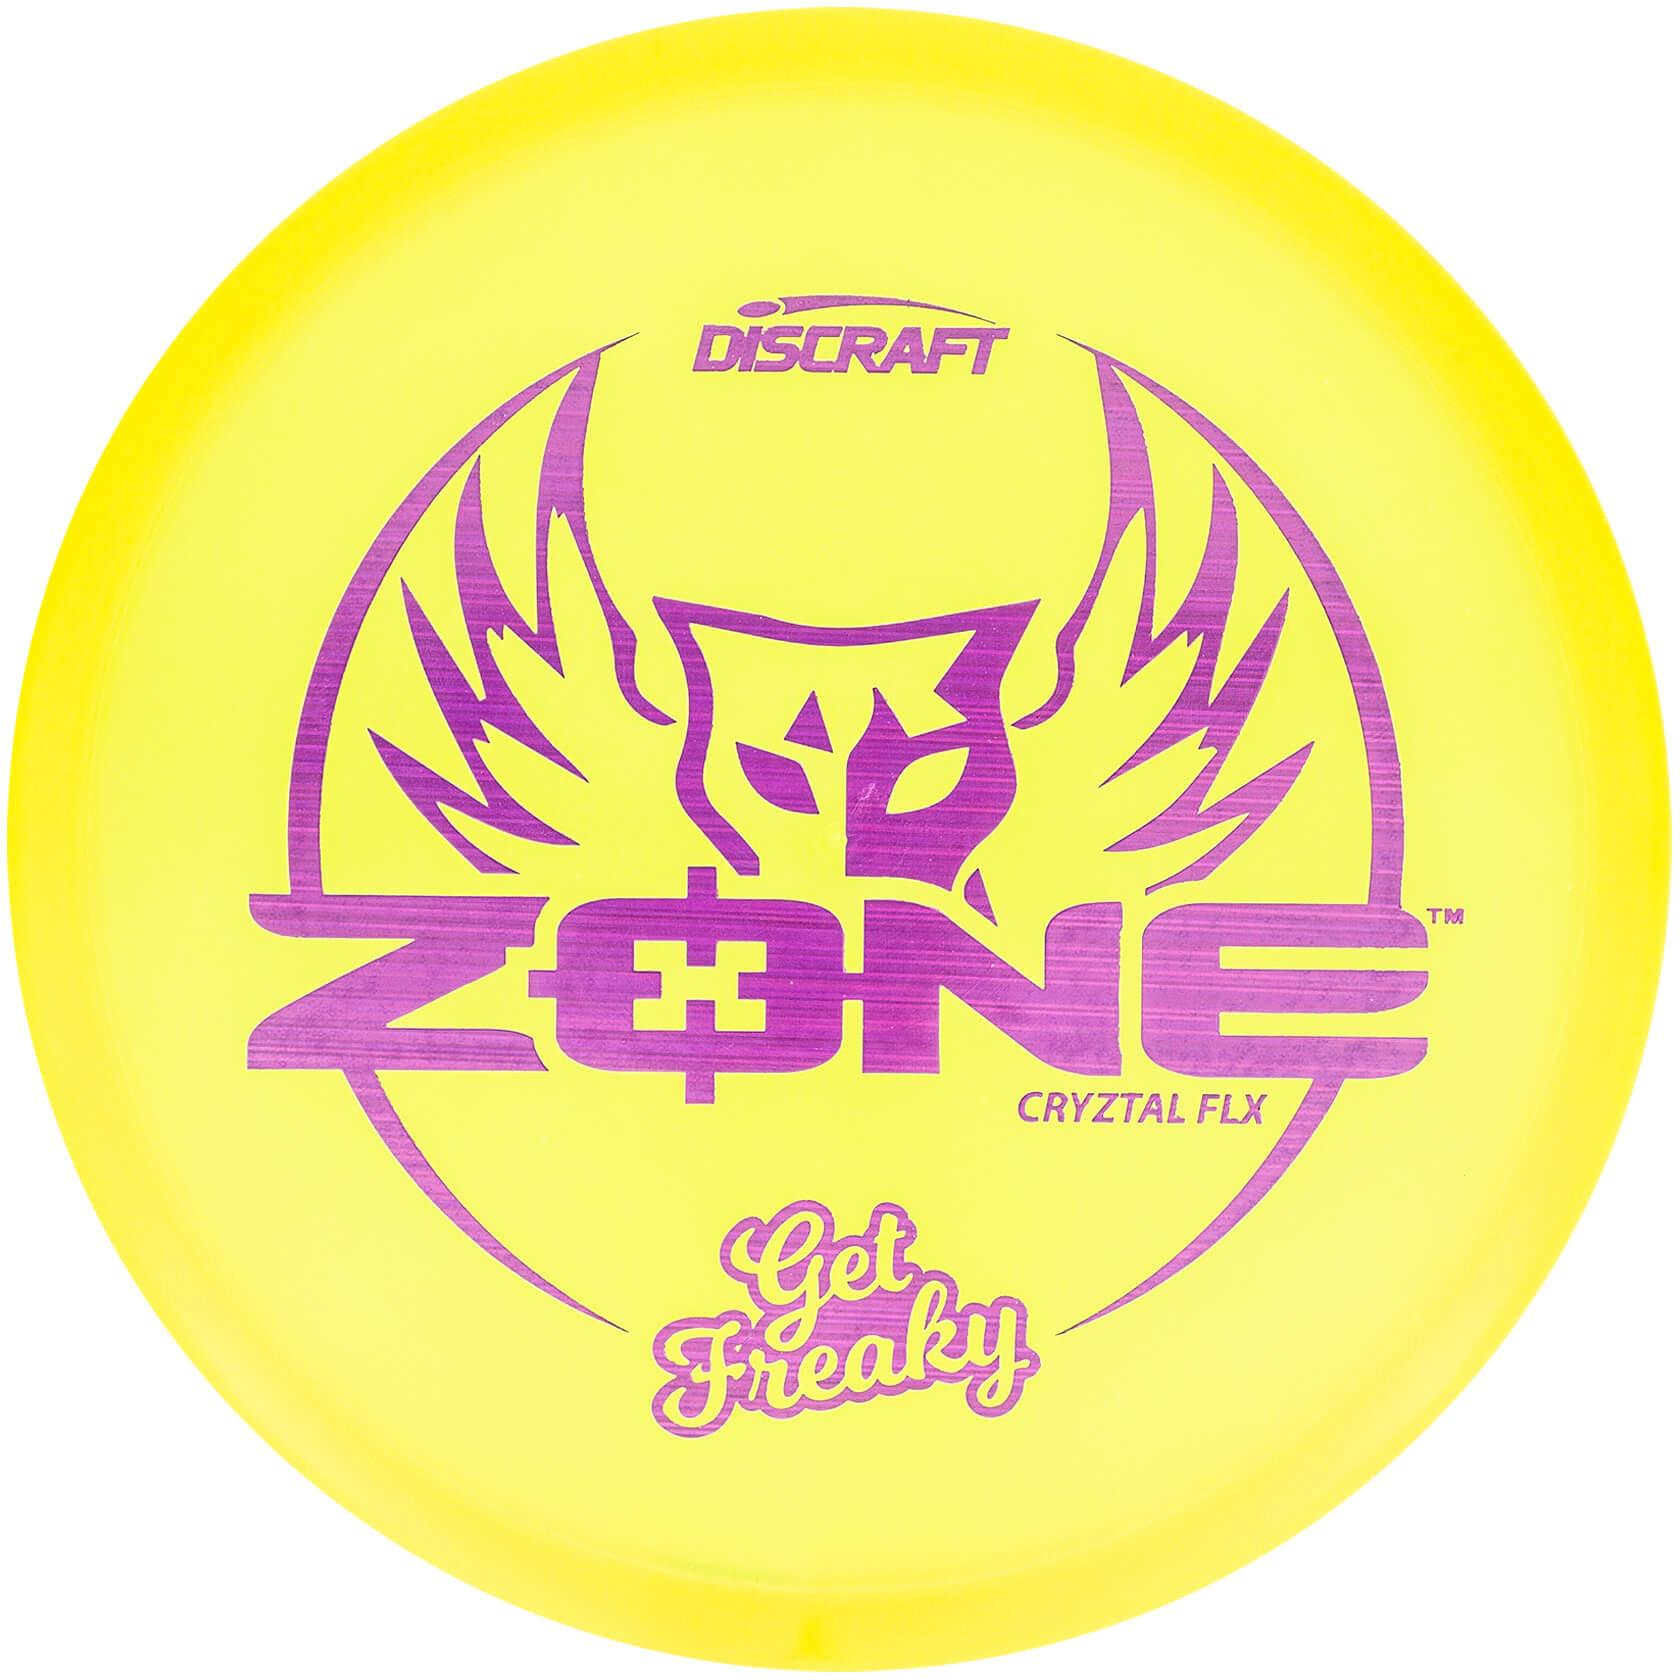 """Discraft CryZtal FLX Zone Brodie Smith """"Get Freaky"""""""